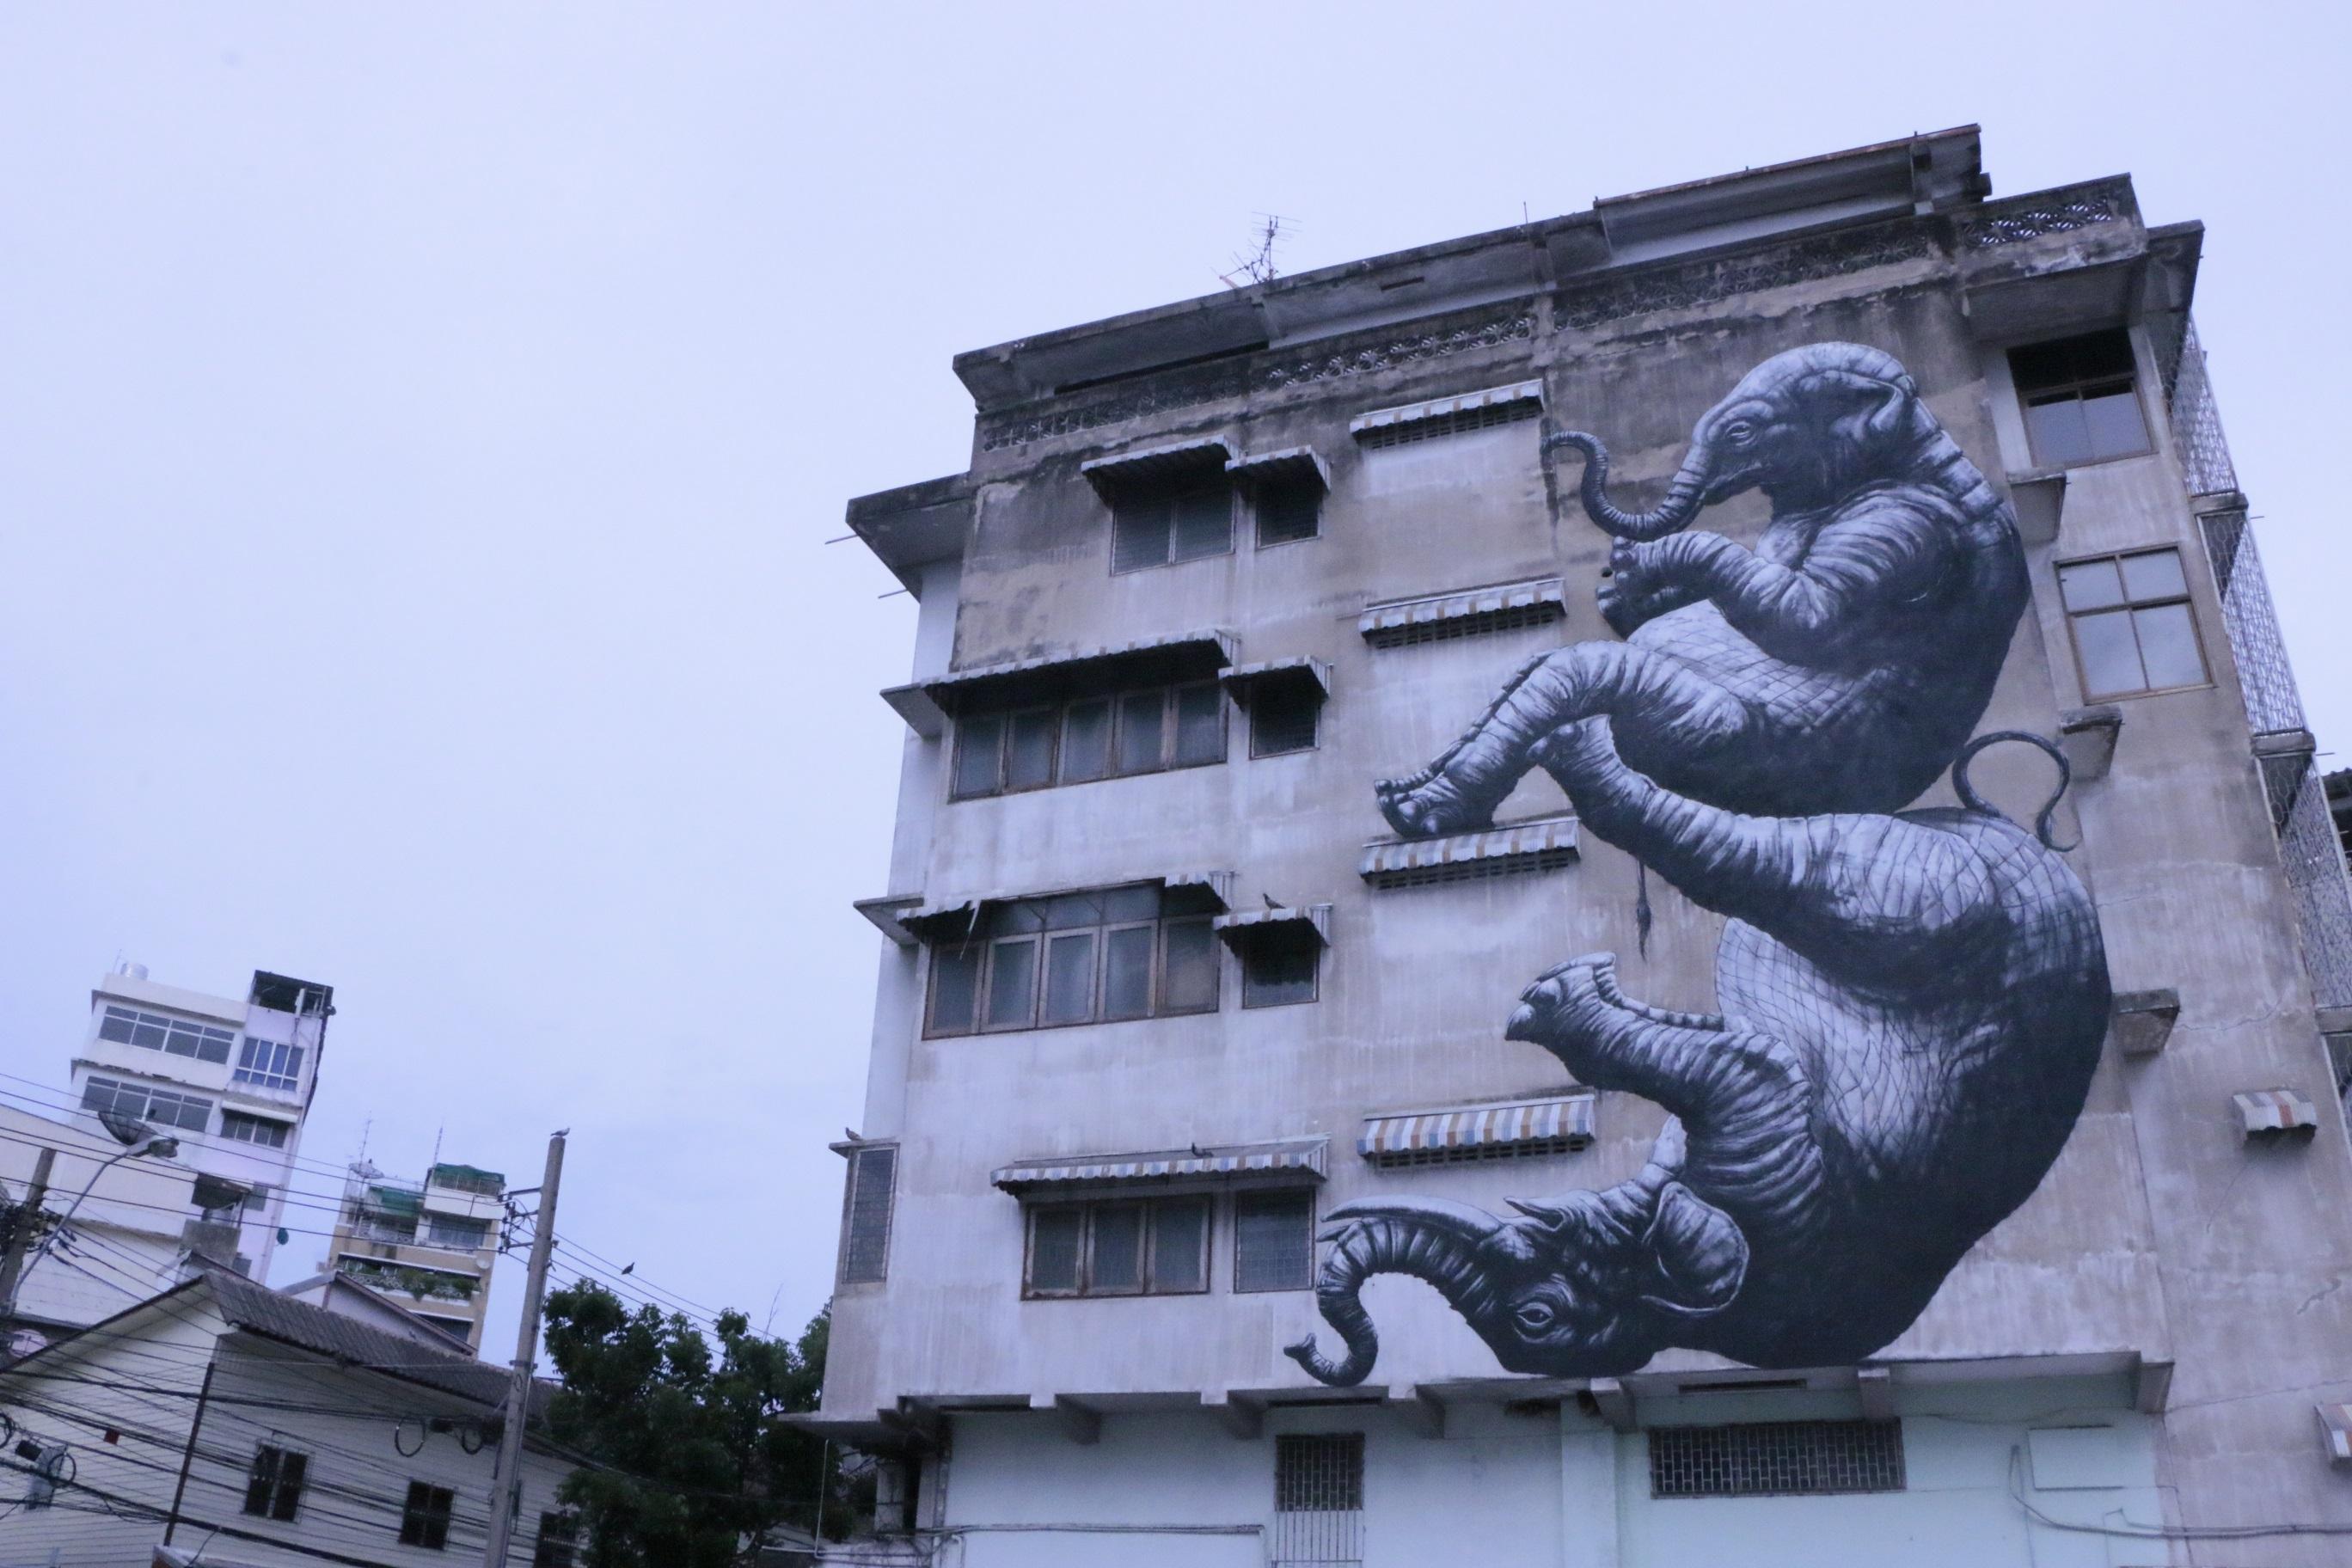 เที่ยวชม Street Art ศึกษาประวัติศาสตร์และวัฒนธรรมย่านเก่ากลางกรุง